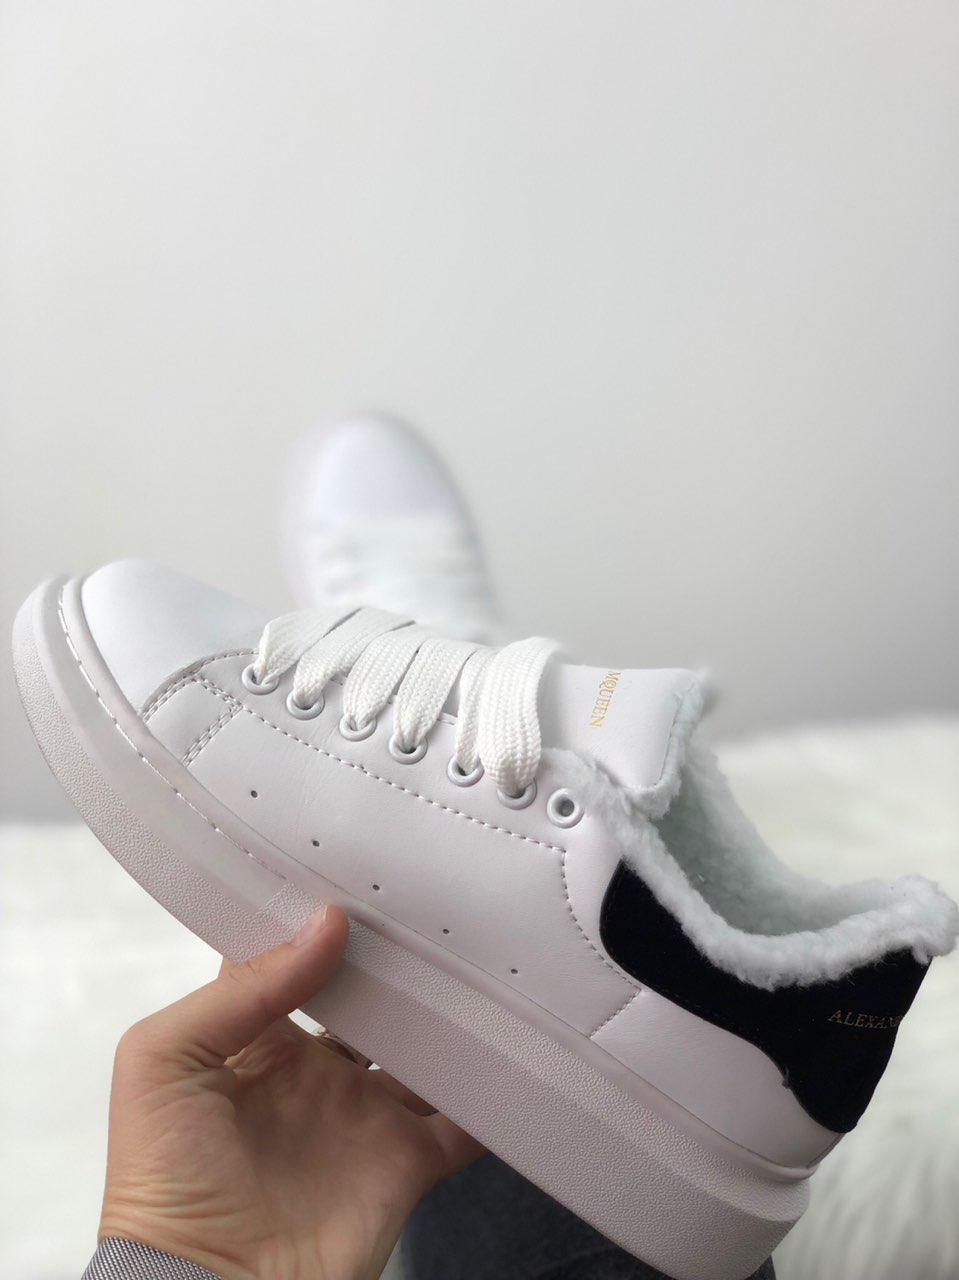 Зимние женские кроссовки Александр Маквин белые с чёрным (реплика)